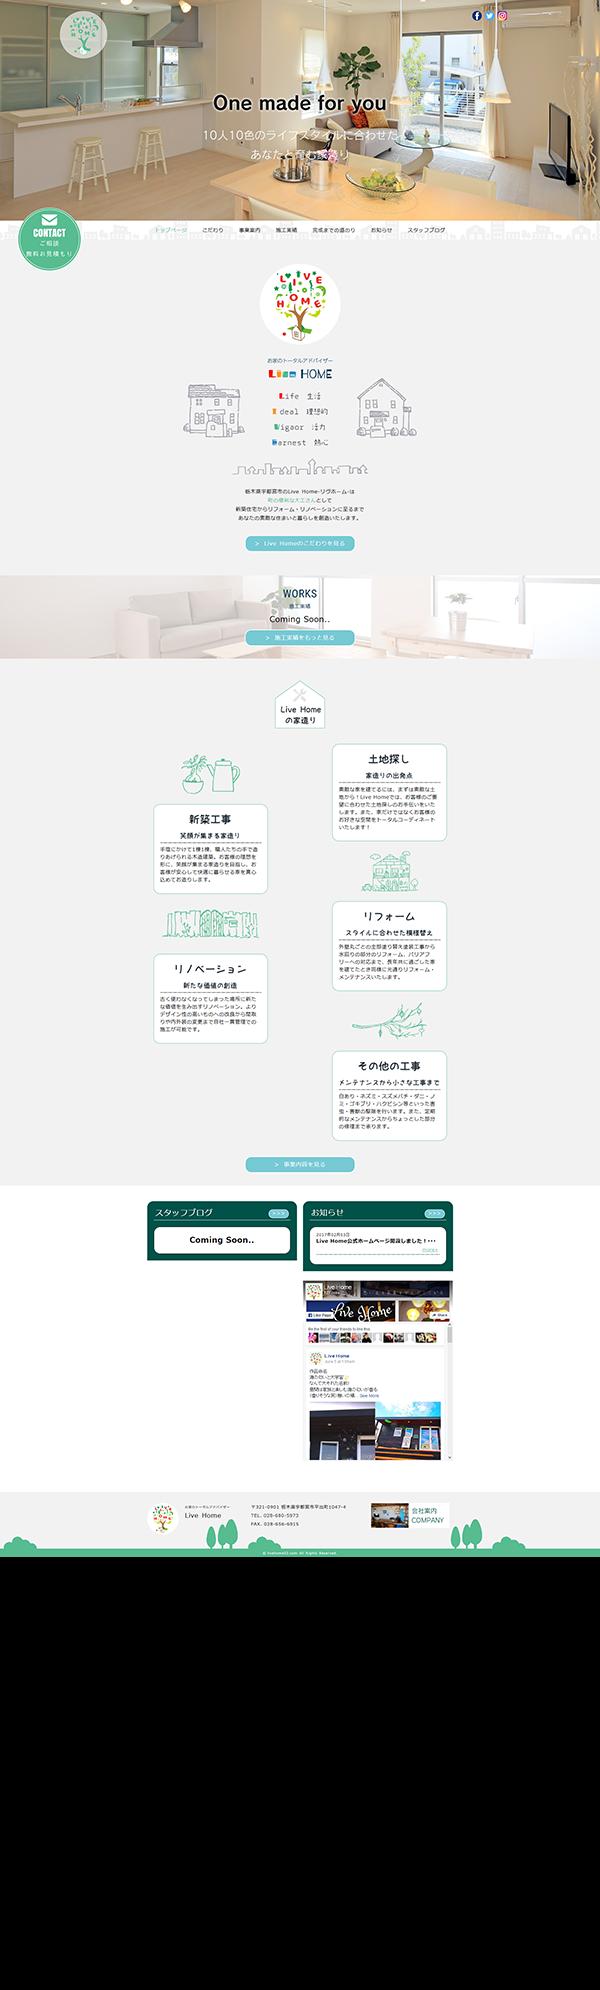 Live Home|栃木県宇都宮の注文住宅・リフォーム・リノベーションならリヴホームへ